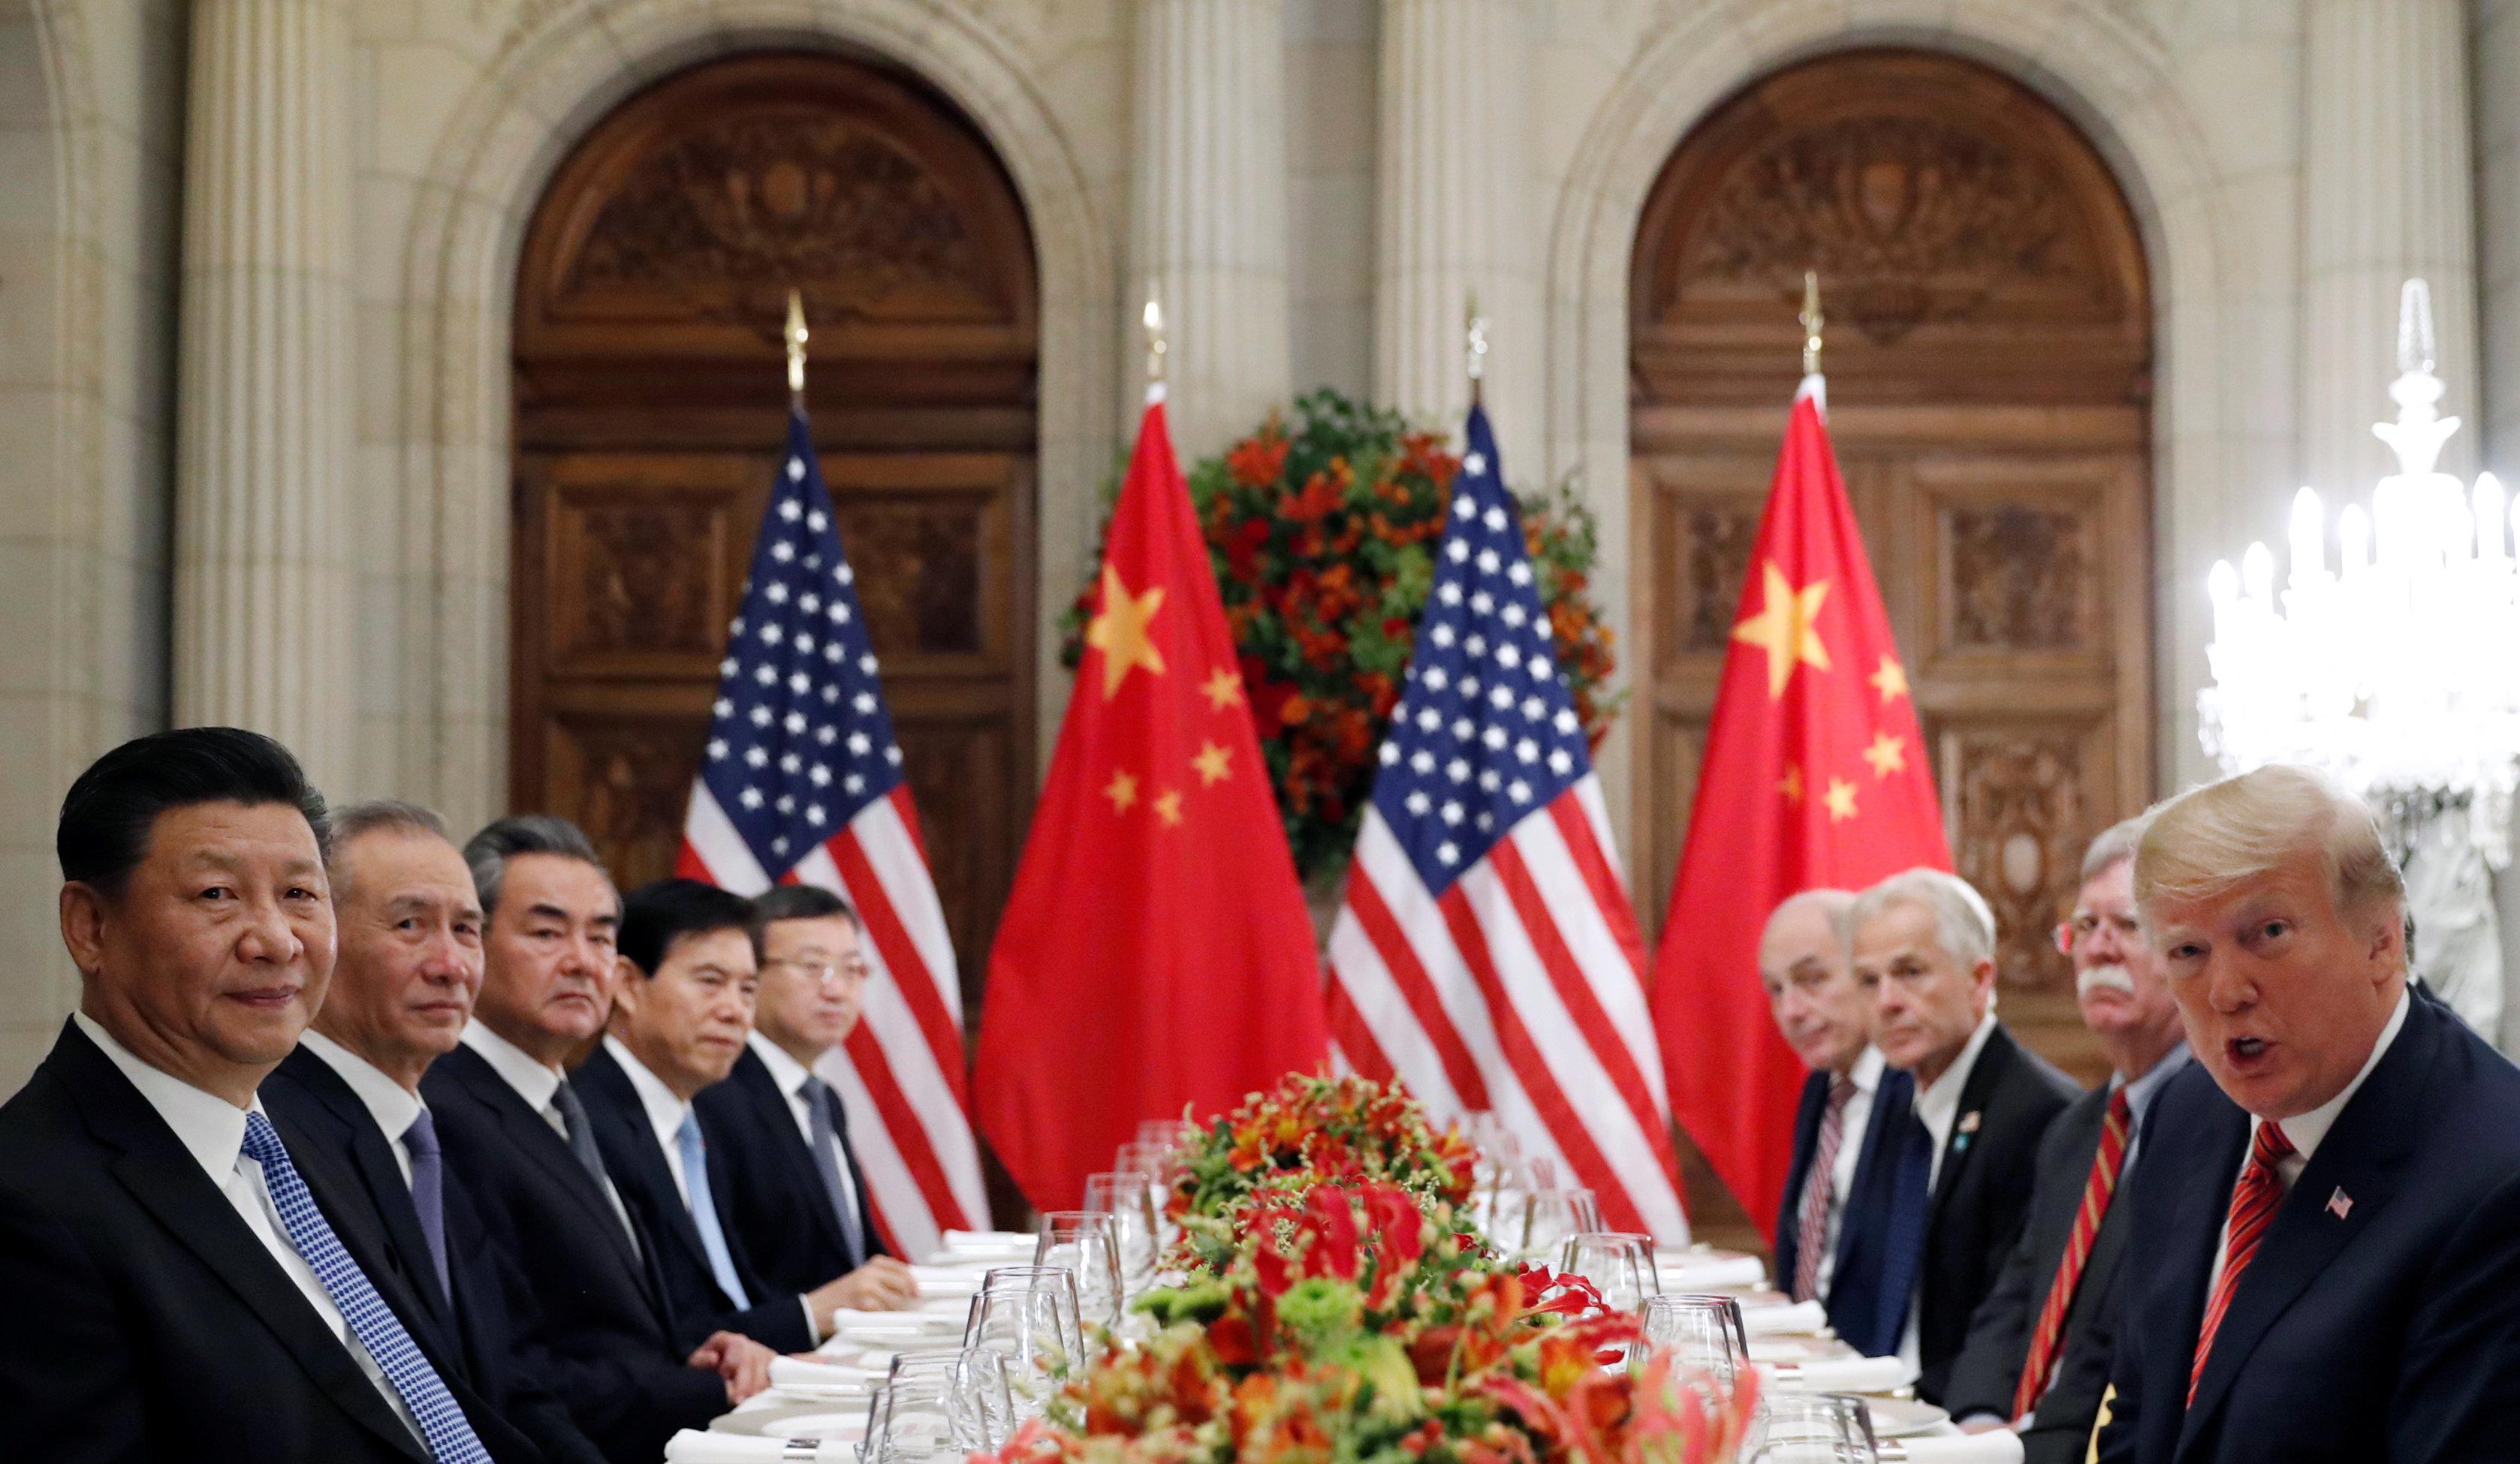 '트럼프와 시진핑, 2월 말 베트남 다낭 회담 가능성